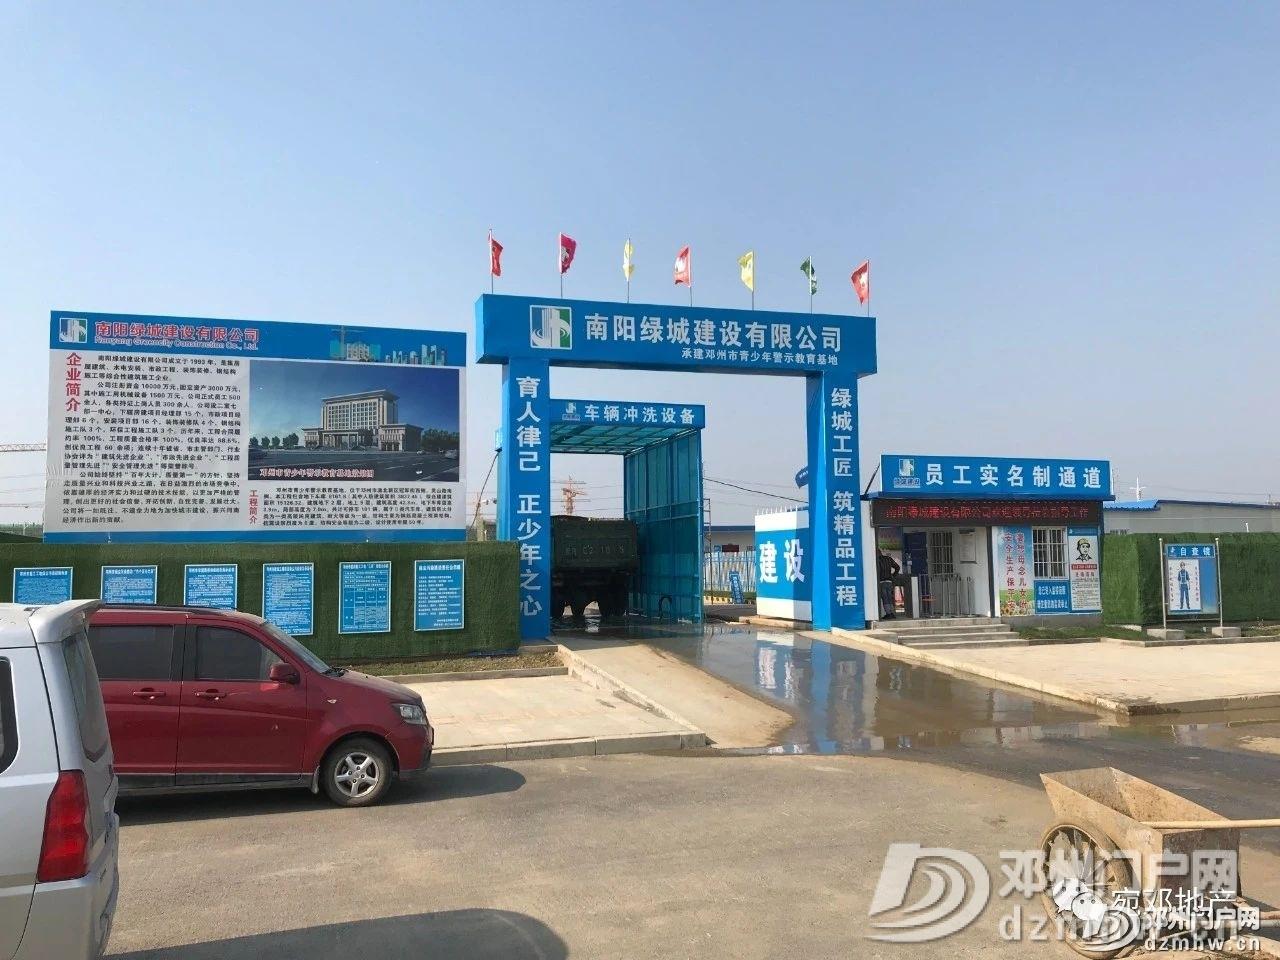 实拍航飞!邓州青少年警示教育基地项目在湍北的项目正火热施工 - 邓州门户网|邓州网 - b792a1bf81a642b1eaadf95c3bd095de.jpg